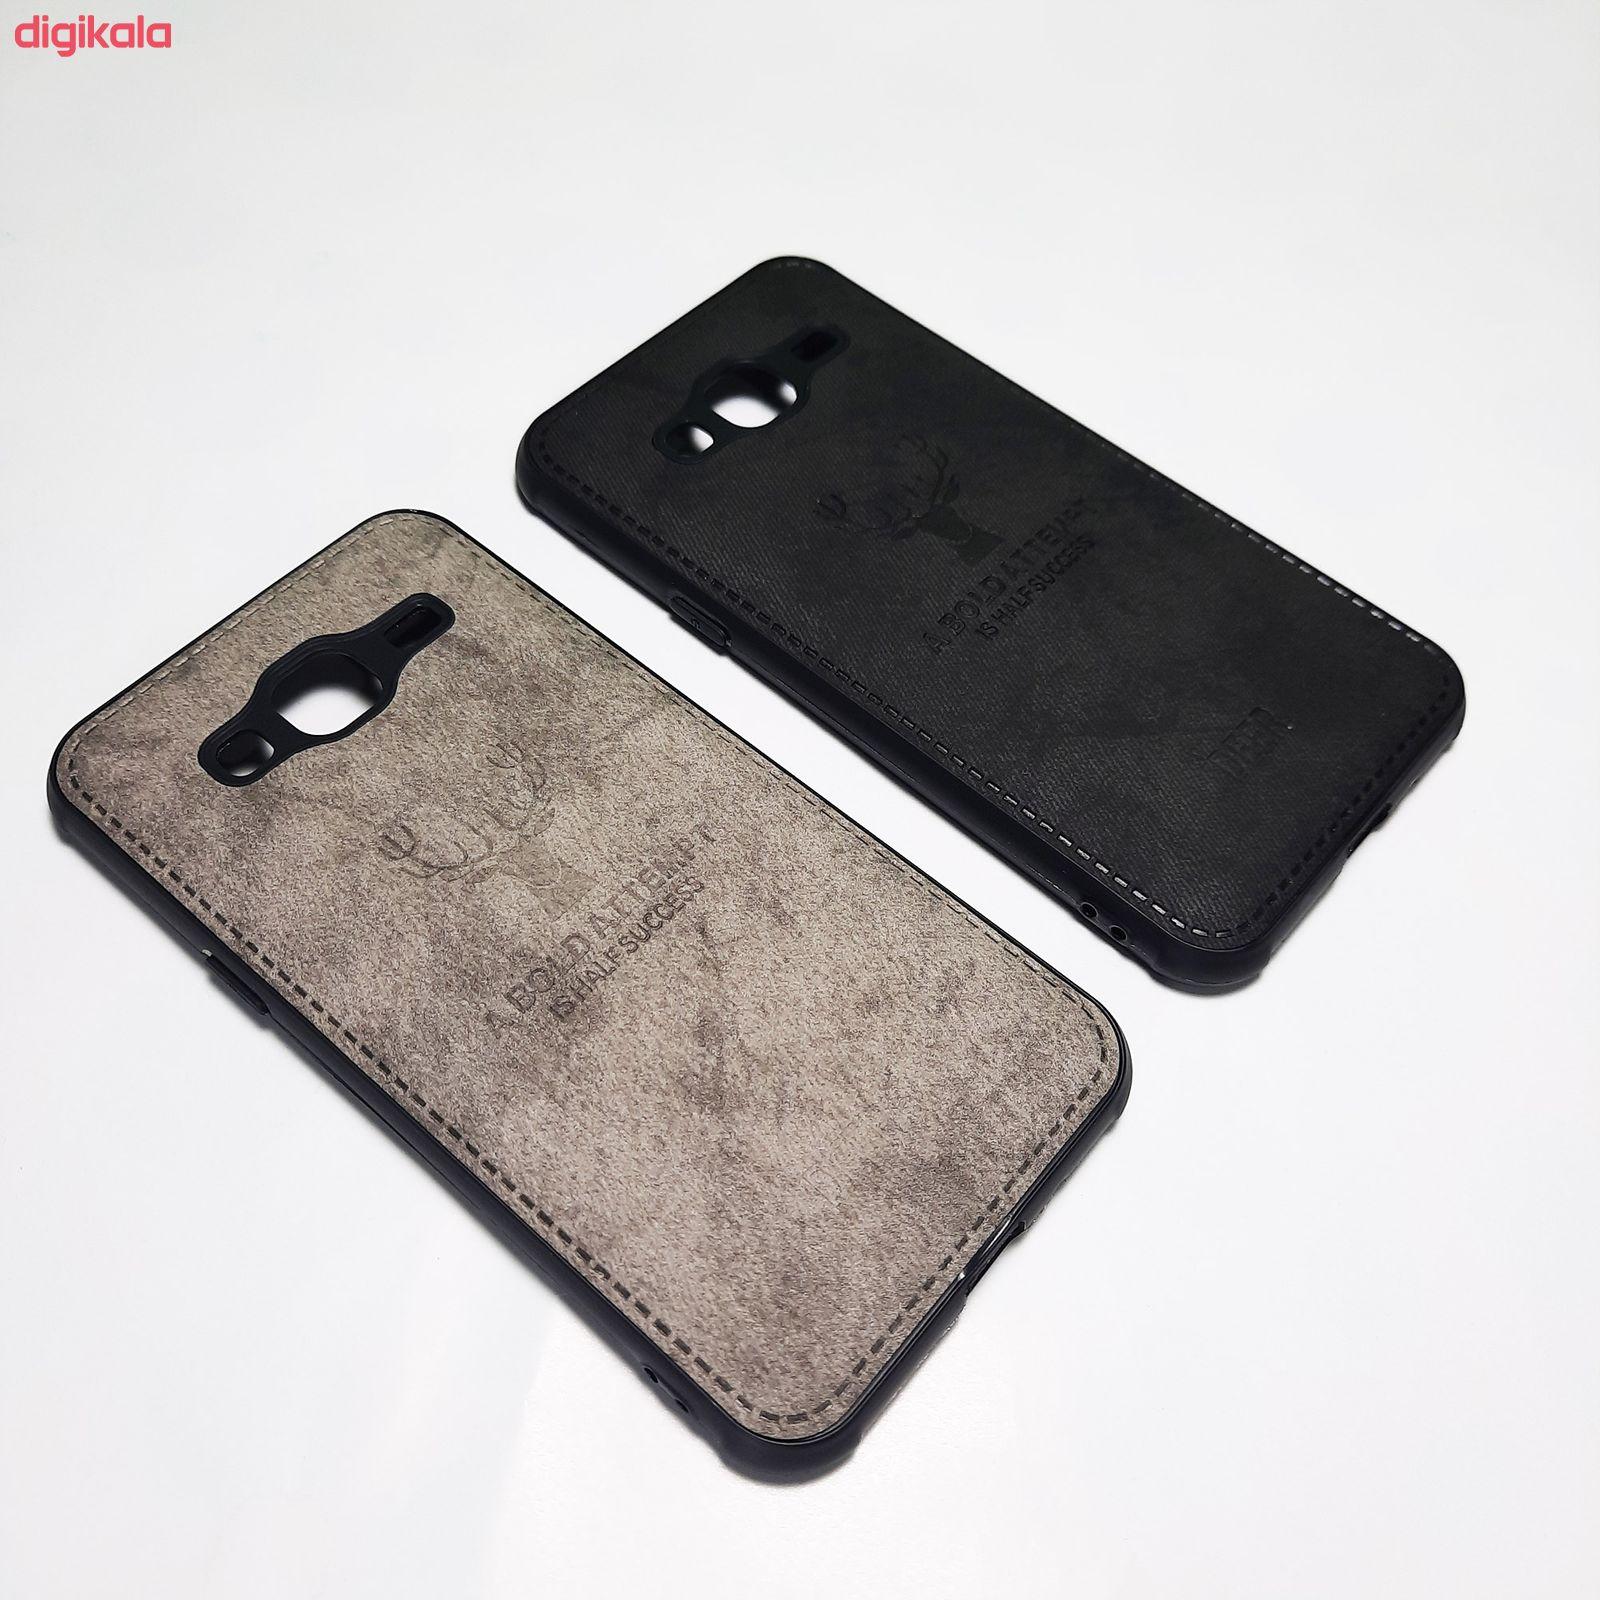 کاور مدل CO811 طرح گوزن مناسب برای گوشی موبایل سامسونگ Galaxy J2 Prime / G530 / Grand Prime main 1 2